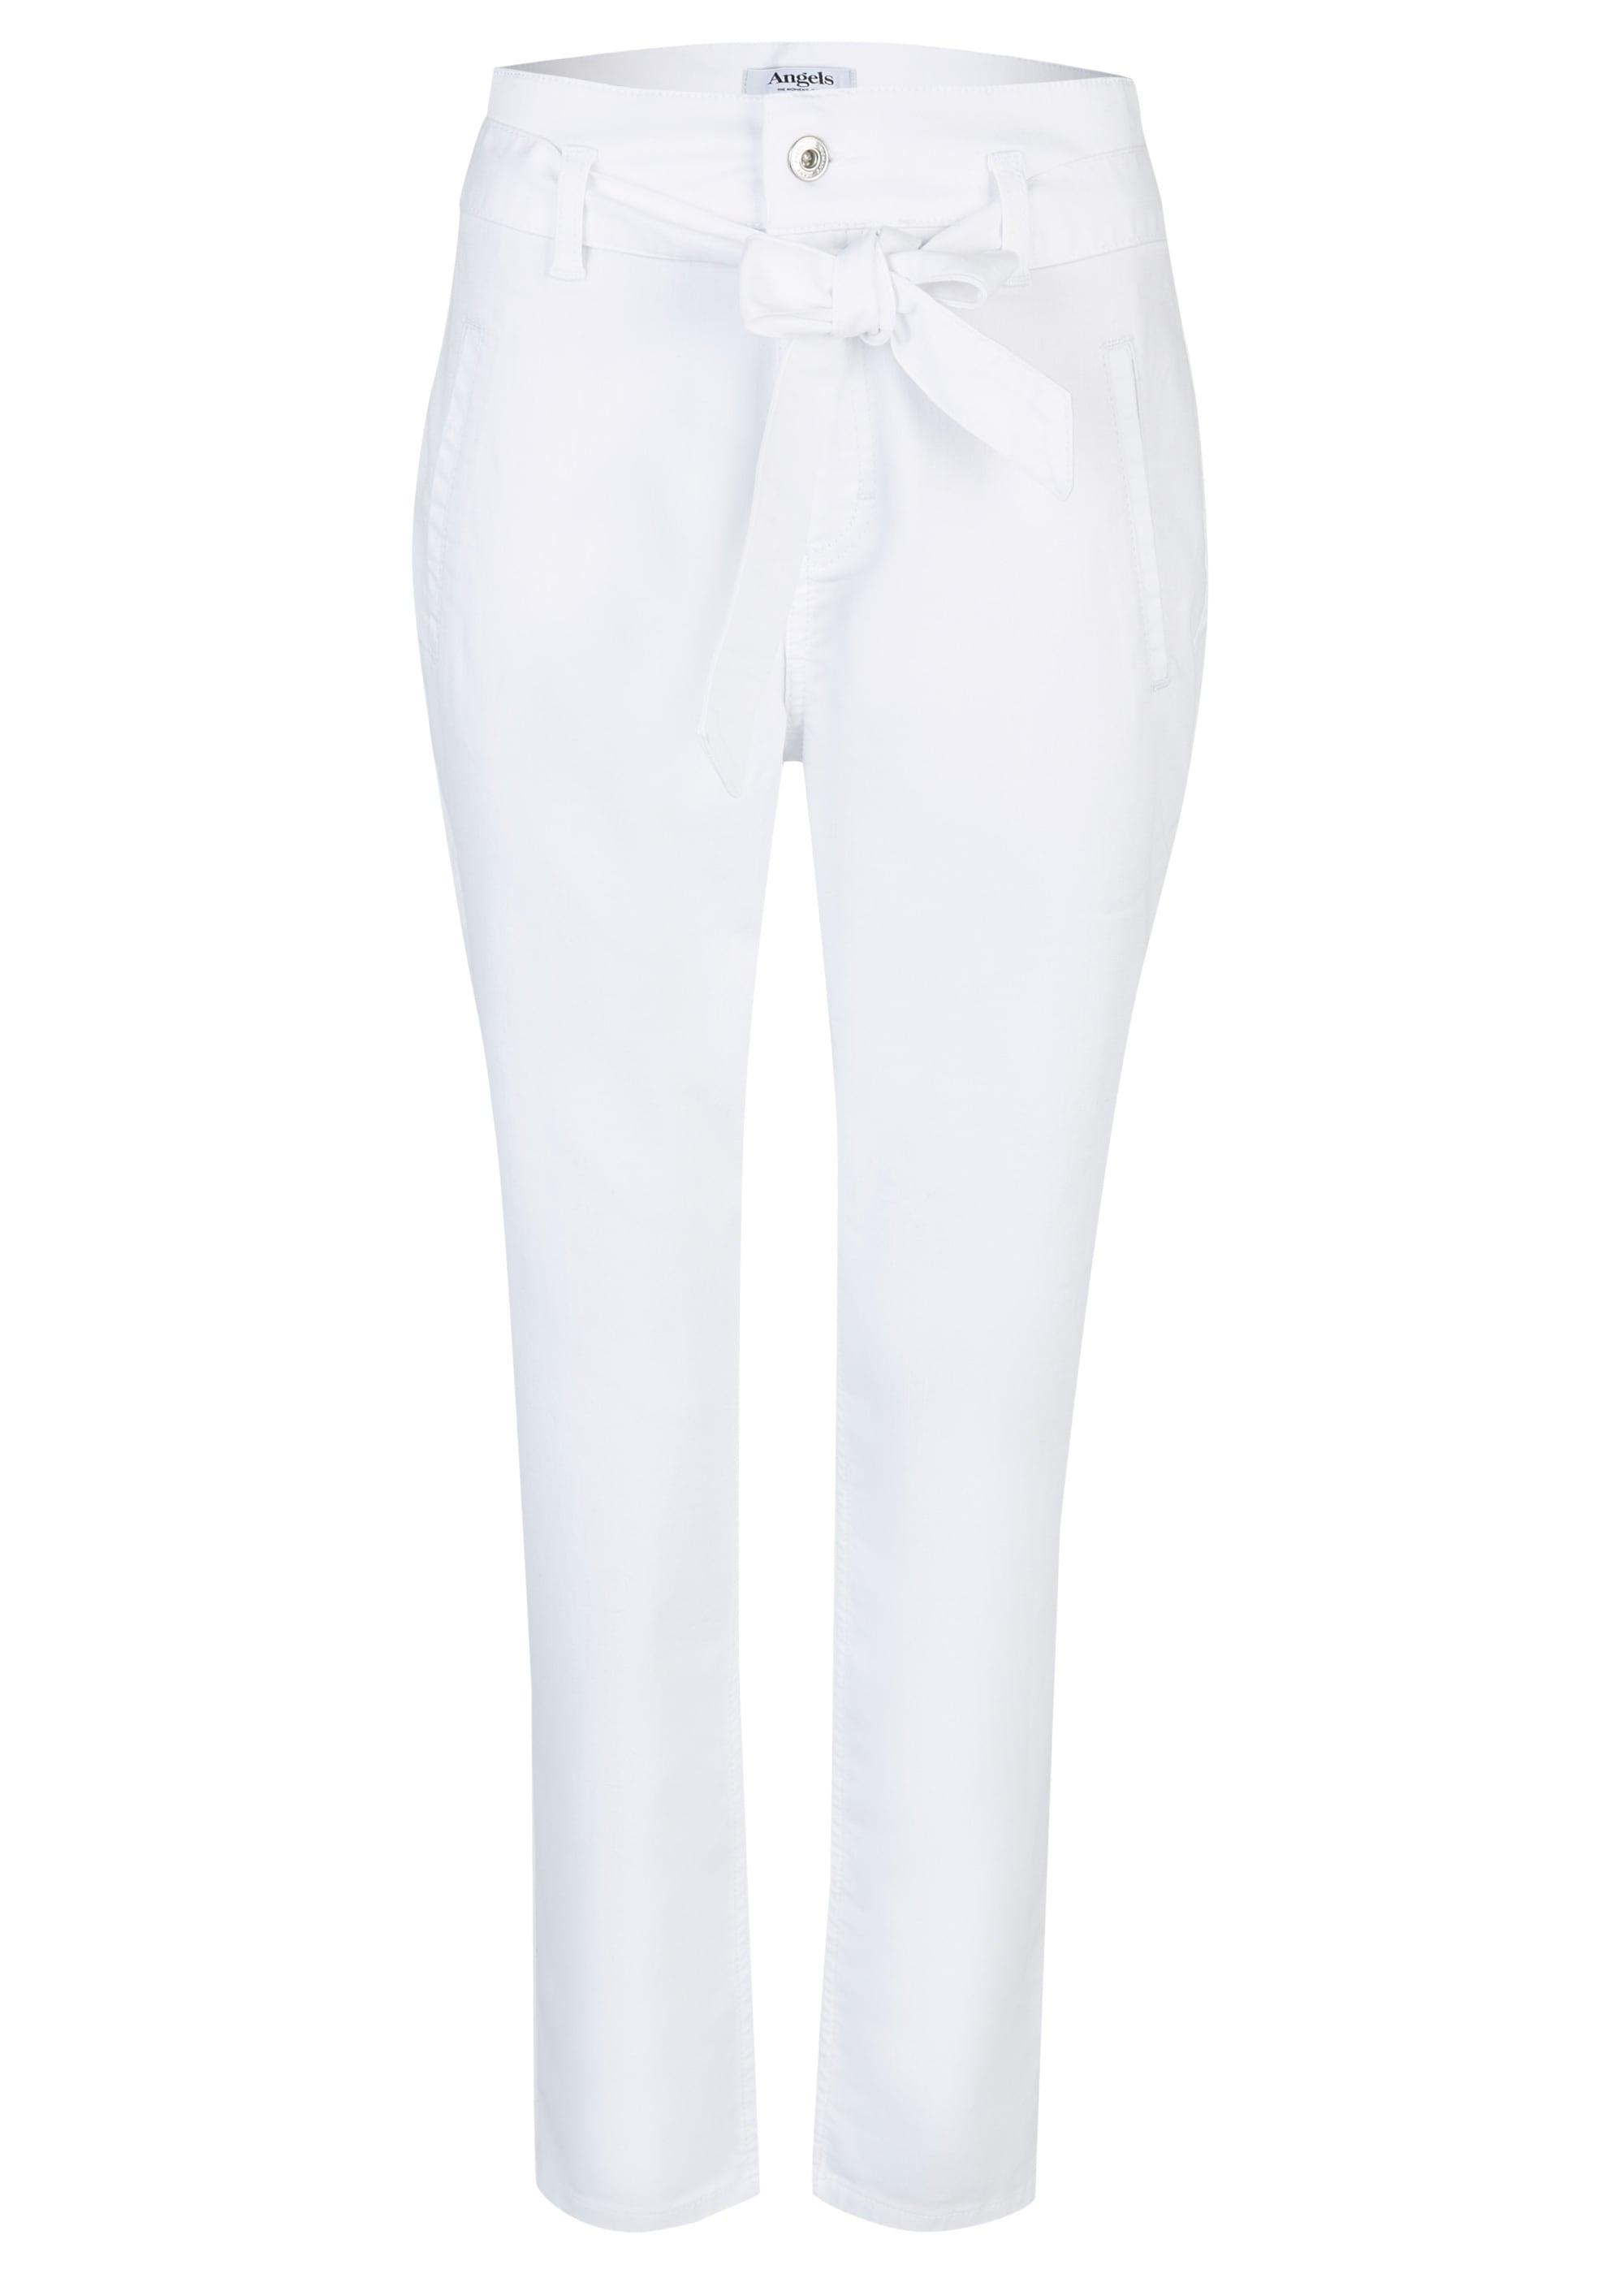 ANGELS Hose,Gwen' mit Bindegürtel weiß Damen Gerade Hosen lang